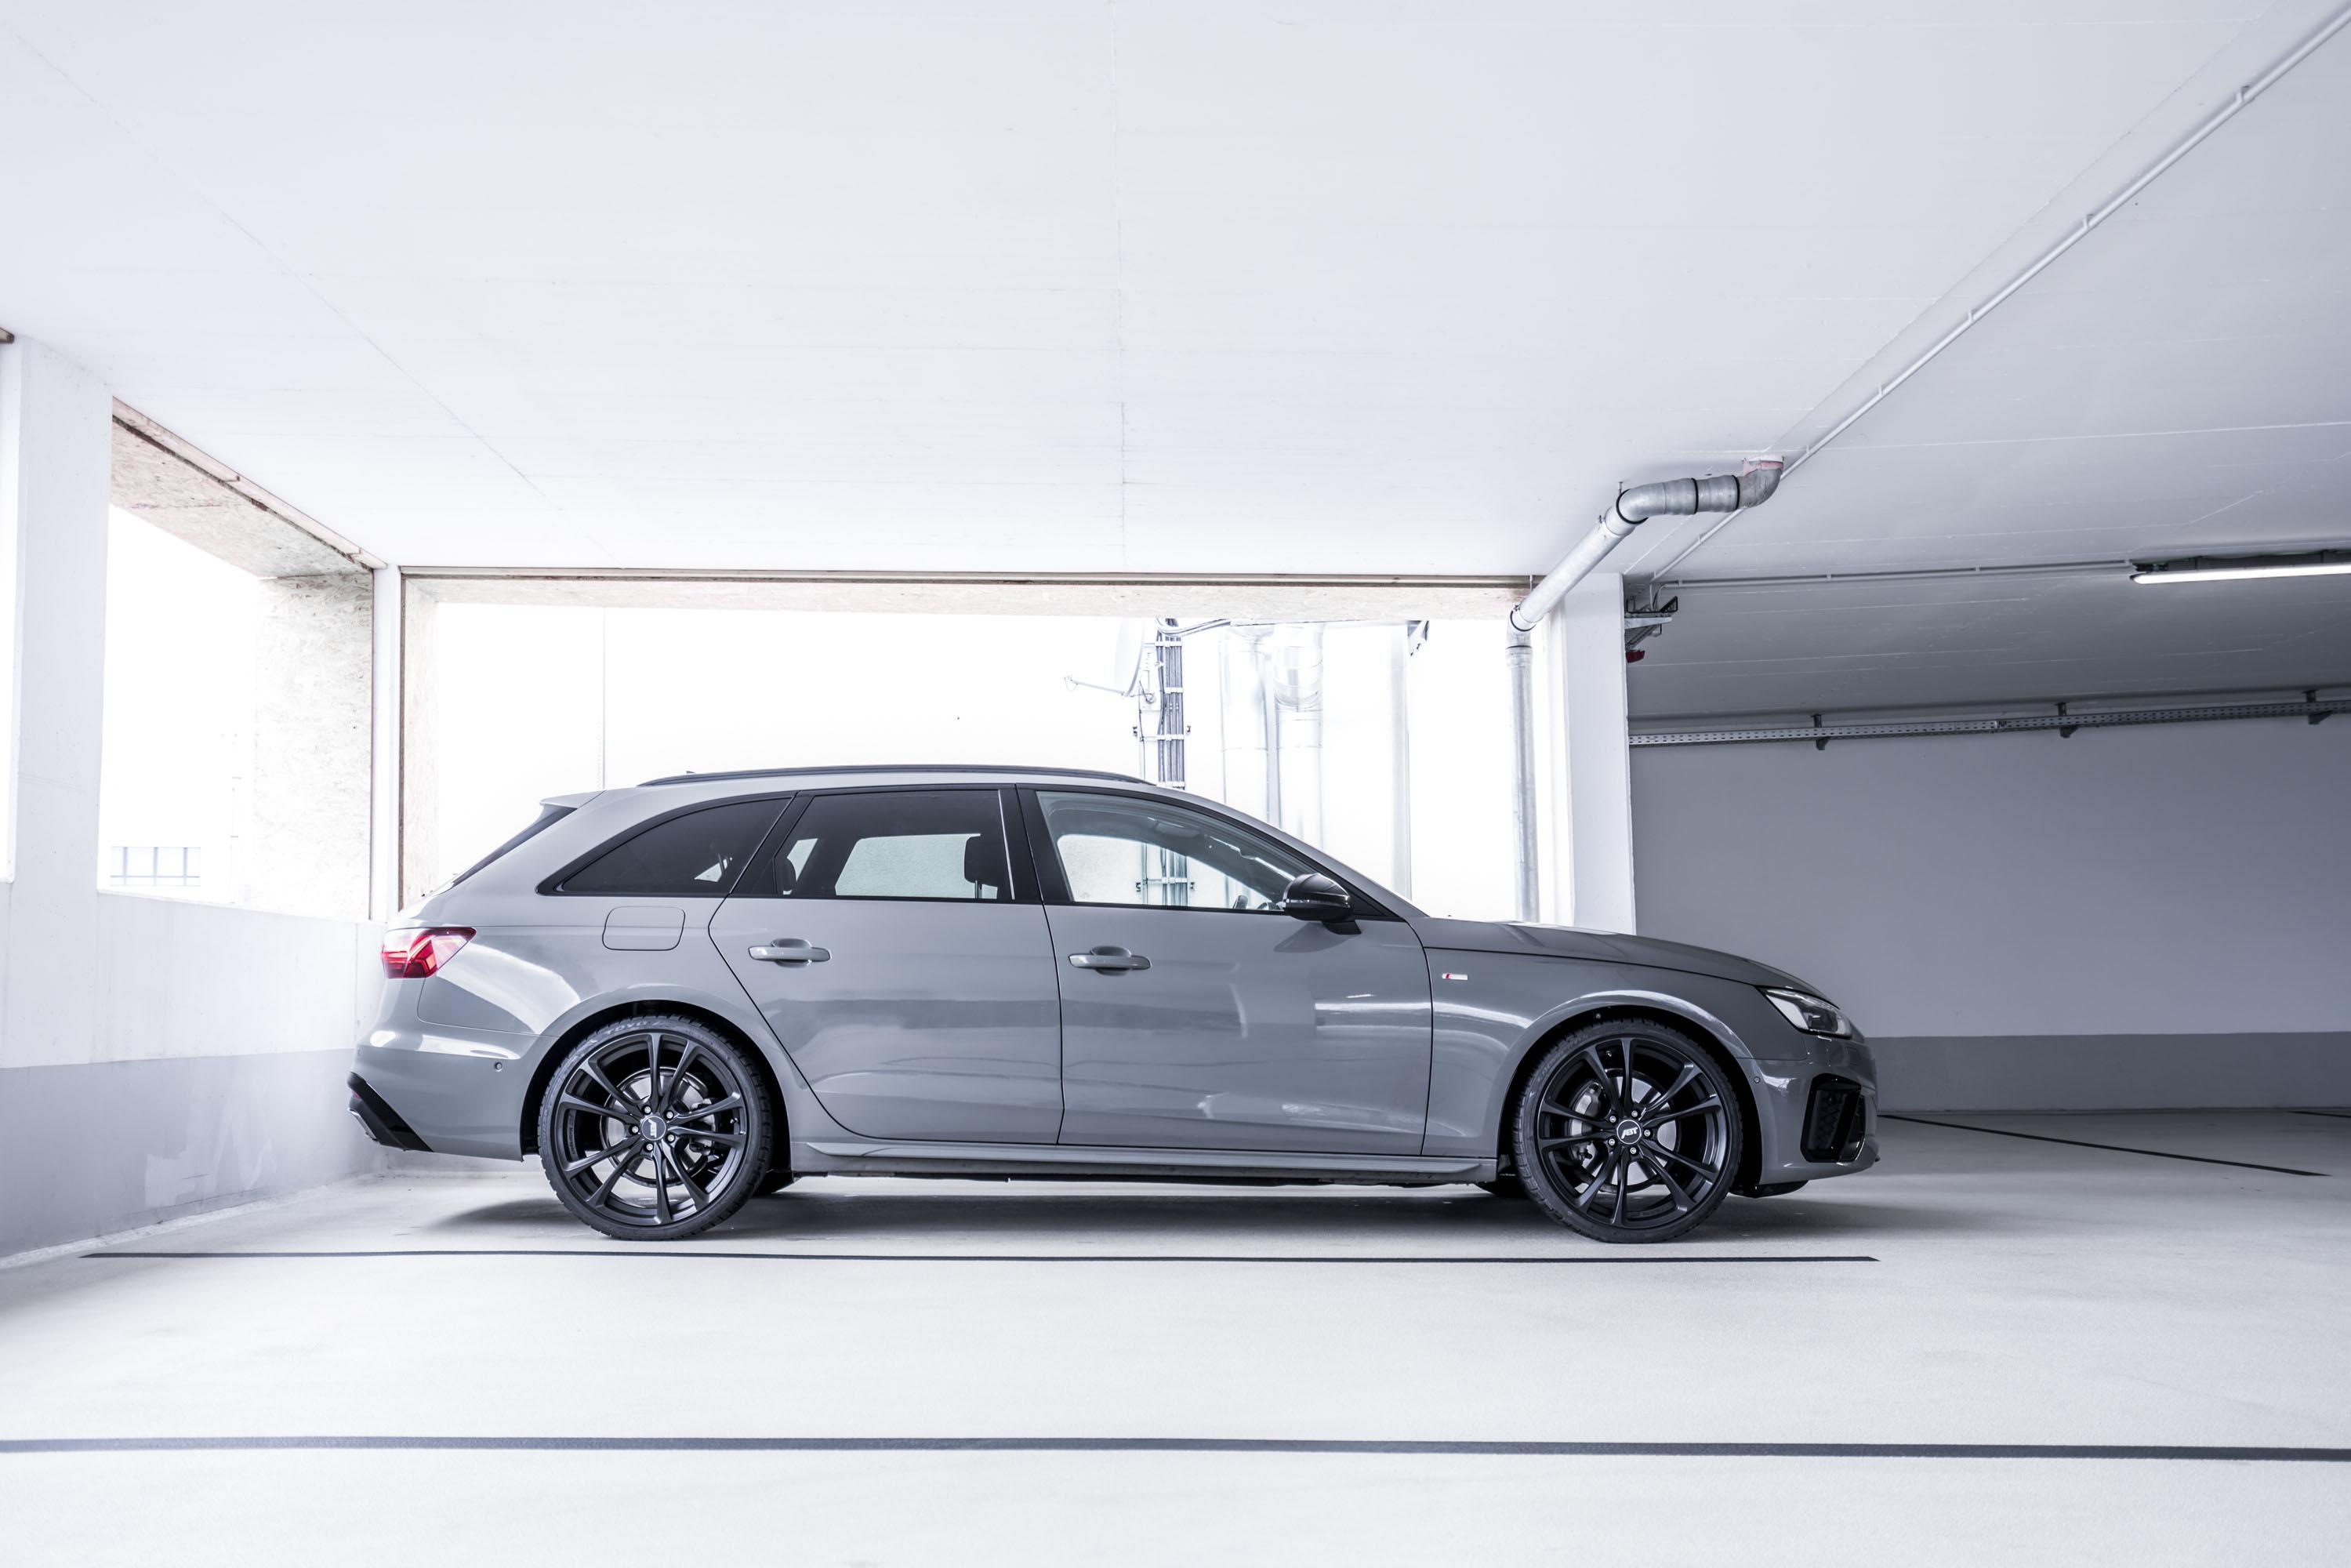 ABT Audi A4 photo #2